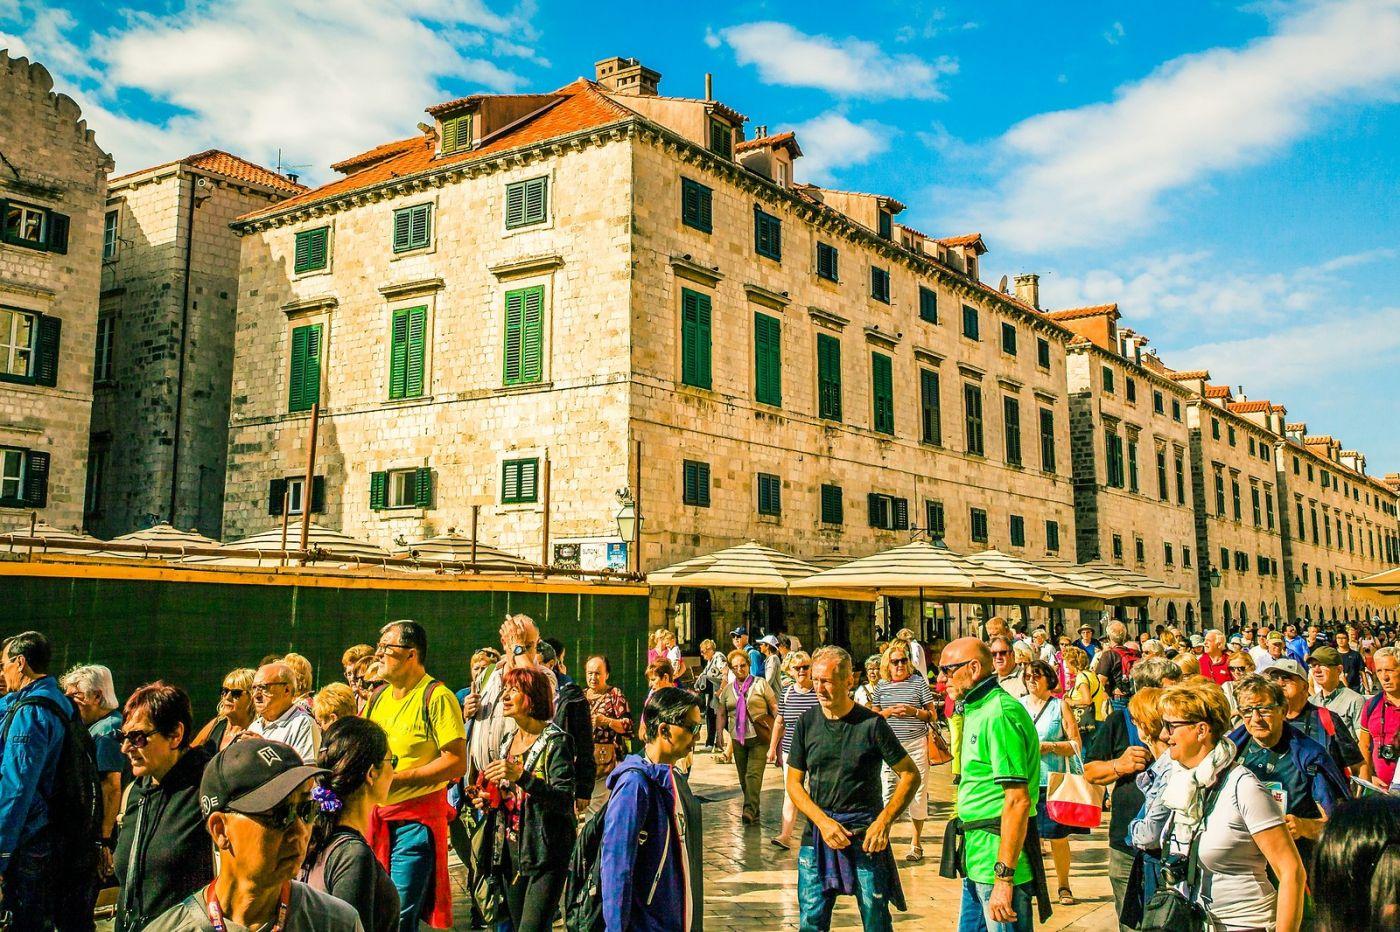 克罗地亚杜布罗夫尼克(Dubrovnik),古城小巷_图1-17